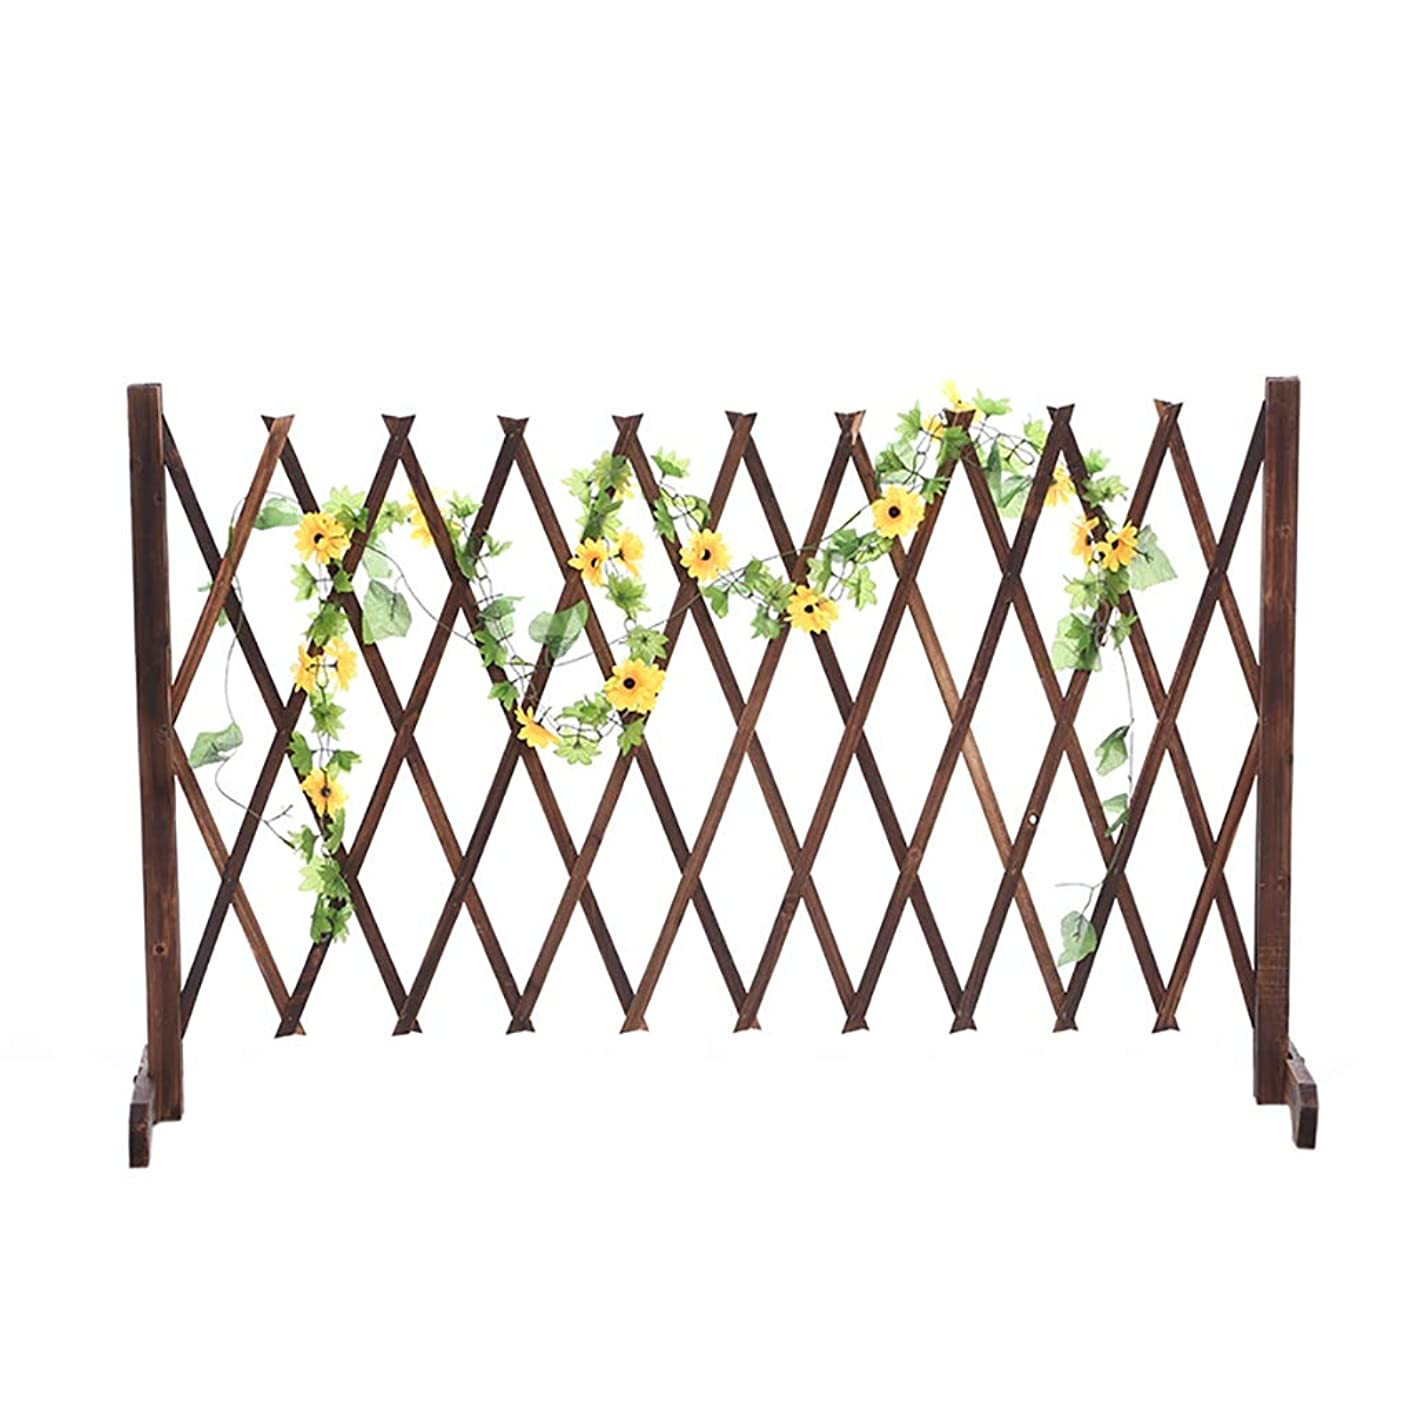 の面では平方論争木製フェンスガーデンテレスコピックフェンスガーデン装飾グリッドフェンス。 (色 : 90*130cm)